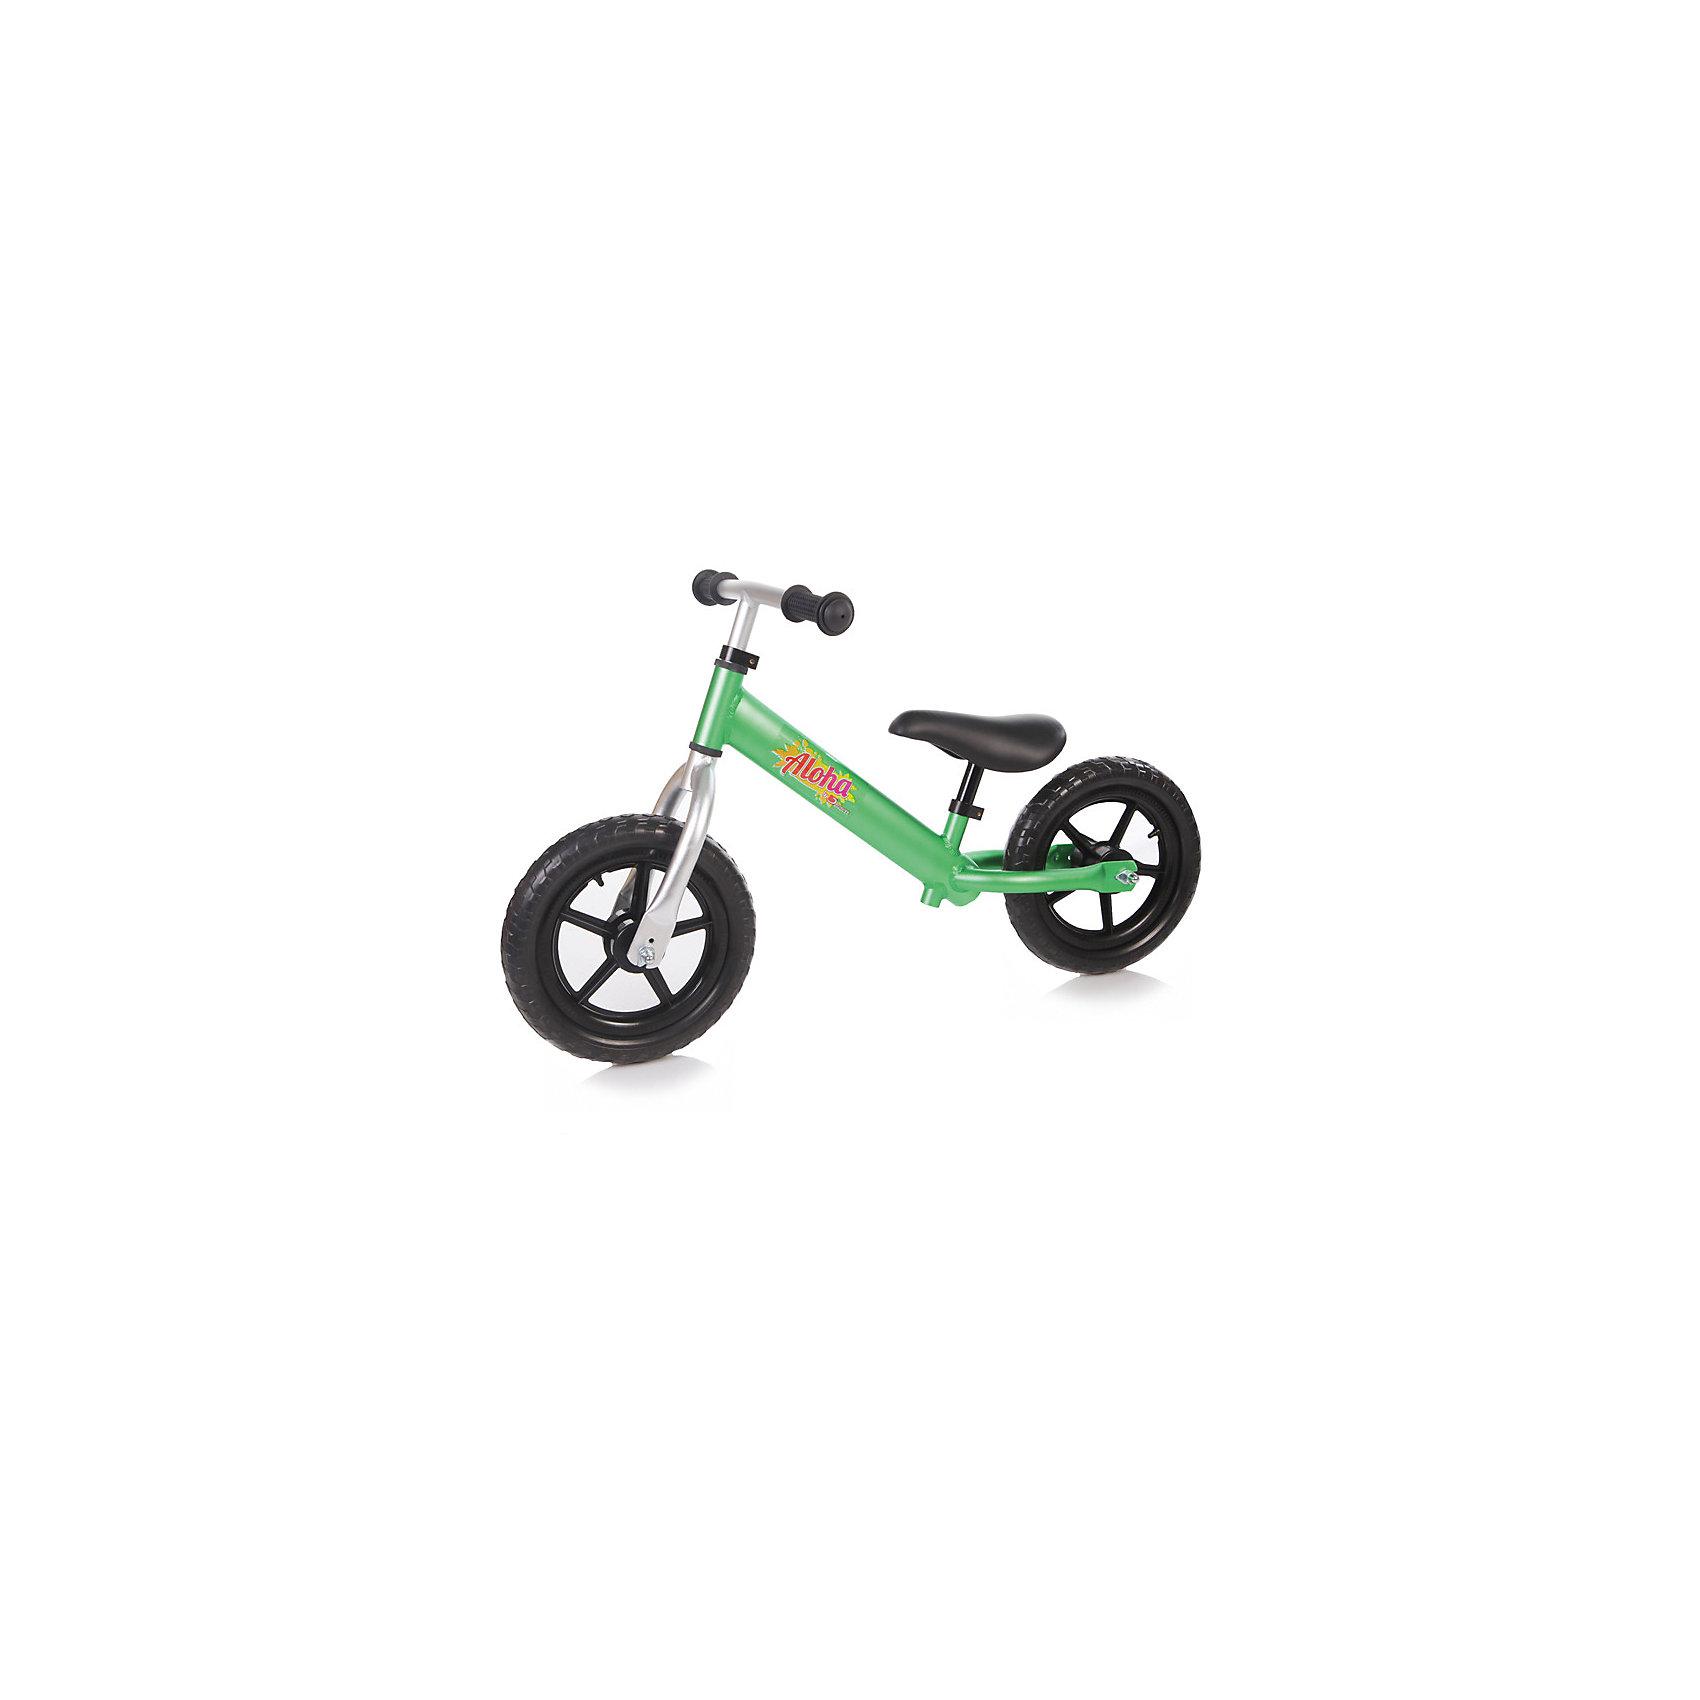 Беговел детский ALOHA зелёный, JetemJetem, Беговел детский ALOHA – беговел на 12-дюймовых колесах без тормоза и без подножки с алюминиевой рамой. Лучший способ разнообразить летнюю прогулку с ребенком. Высоту руля и сидения можно регулировать.Беговелы – это детские двухколесные велосипеды, у которых нет педалей. Они совмещают в себе черты велосипеда и самоката и помогают держать равновесие. Особенности:· 12 дюймовые колеса из пластика с покрышкой из EVA· эргономичное сидение с мягкой накладкой· алюминиевая рама· без тормоза· без подножки· сиденье регулируется по высоте· руль регулируется по высоте Характеристики:· диаметр колес — 12 дюймов·  предназначен для детей от 3 лет до 27кг·вес: 2,1кг·  размер беговела: 83х38х54см· минимальная высота руля от земли 48см·   максимальная высота руля от земли 56см<br><br>Ширина мм: 630<br>Глубина мм: 160<br>Высота мм: 290<br>Вес г: 2700<br>Возраст от месяцев: 24<br>Возраст до месяцев: 72<br>Пол: Унисекс<br>Возраст: Детский<br>SKU: 5475690